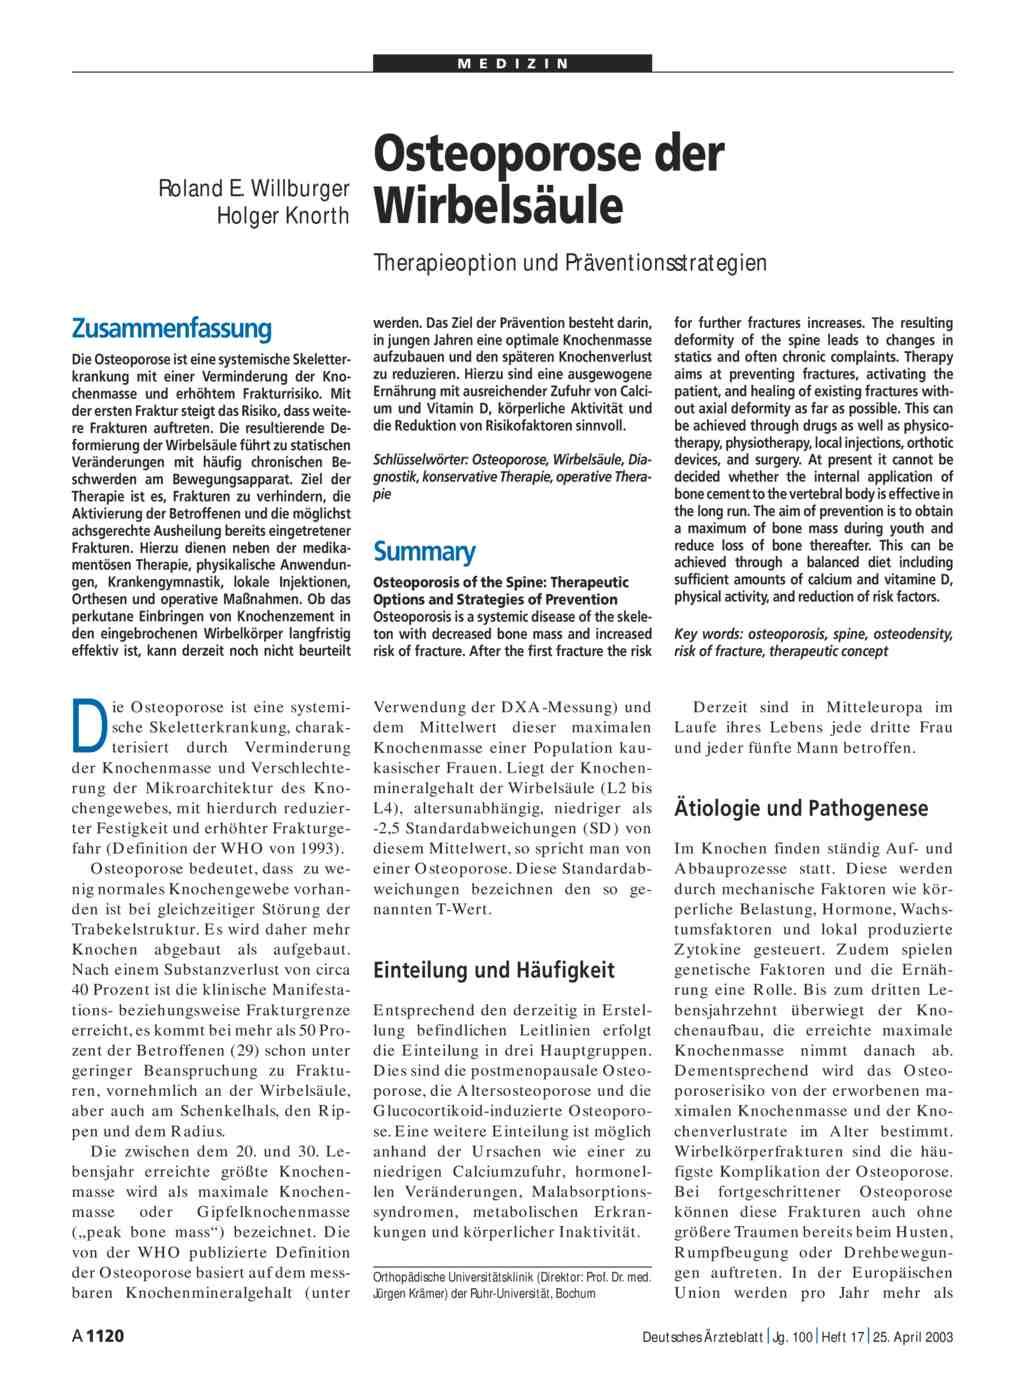 Osteoporose der Wirbelsäule: Therapieoption und Präventionsstrategien